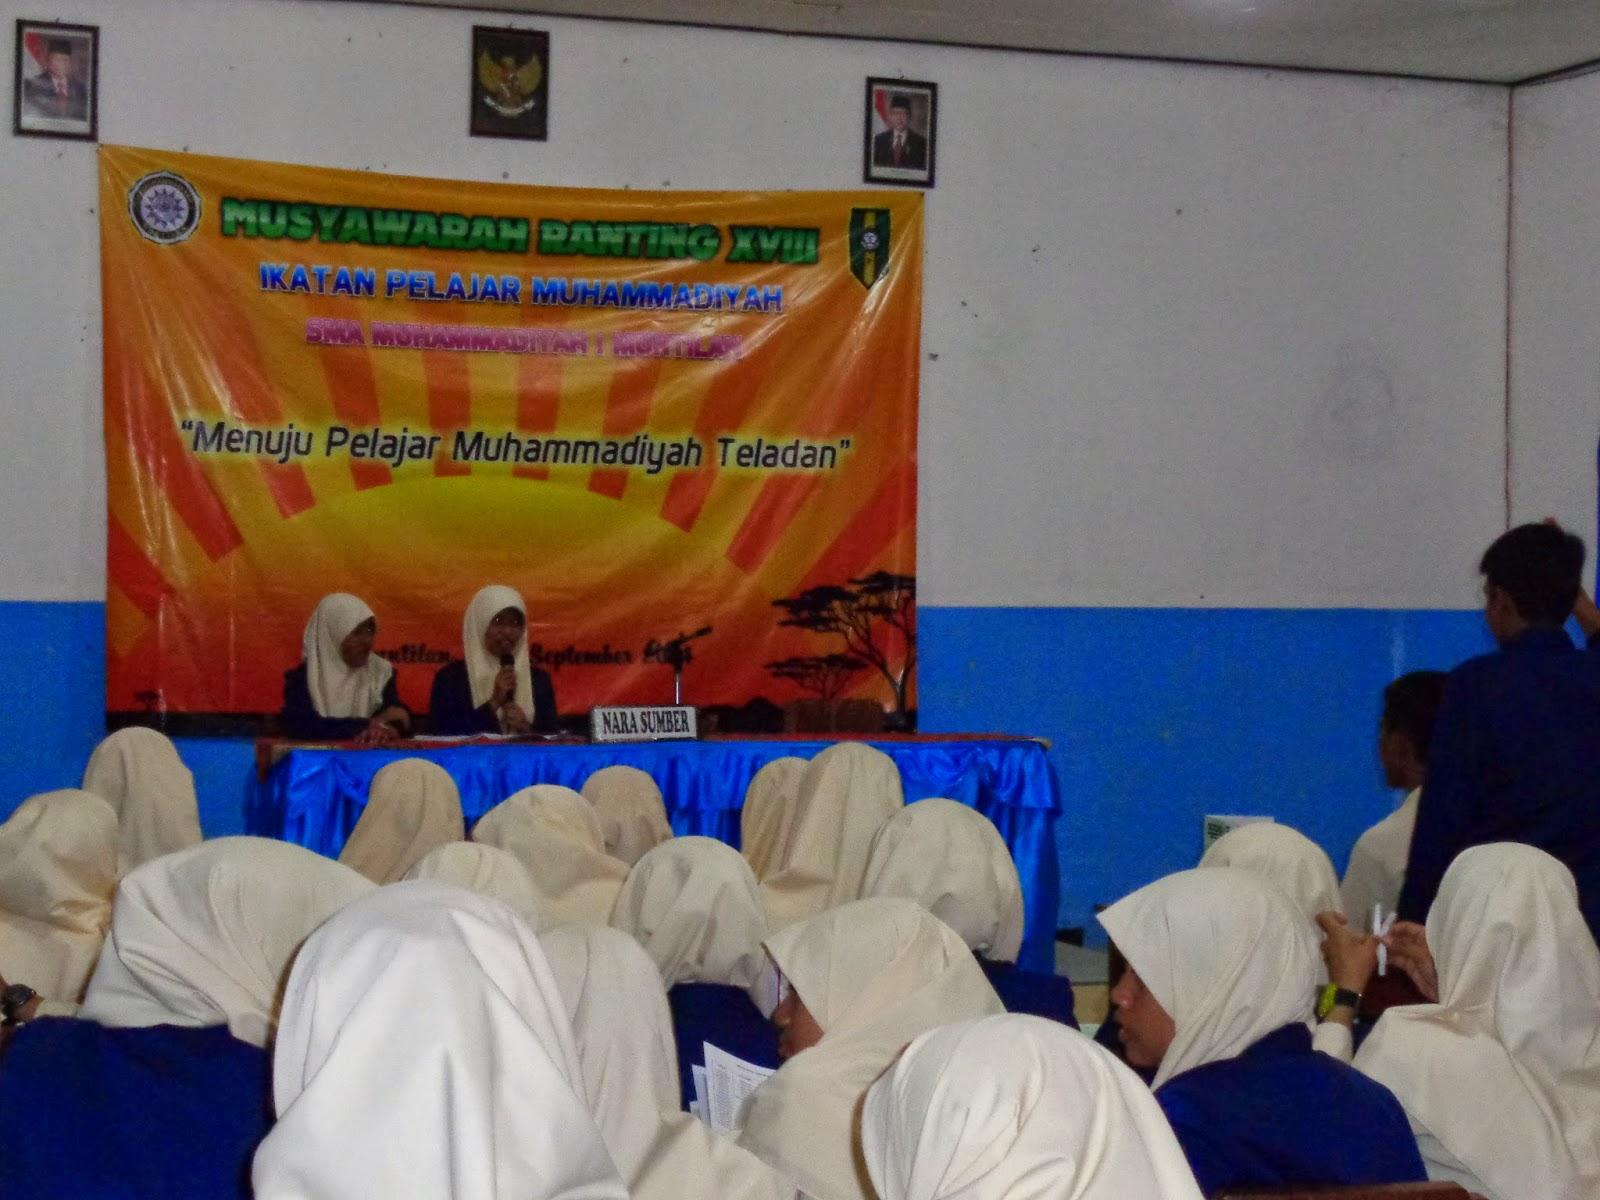 musyawarah ranting ikatan pelajar muhammadiyah sma muhammadiyah 1 muntilan